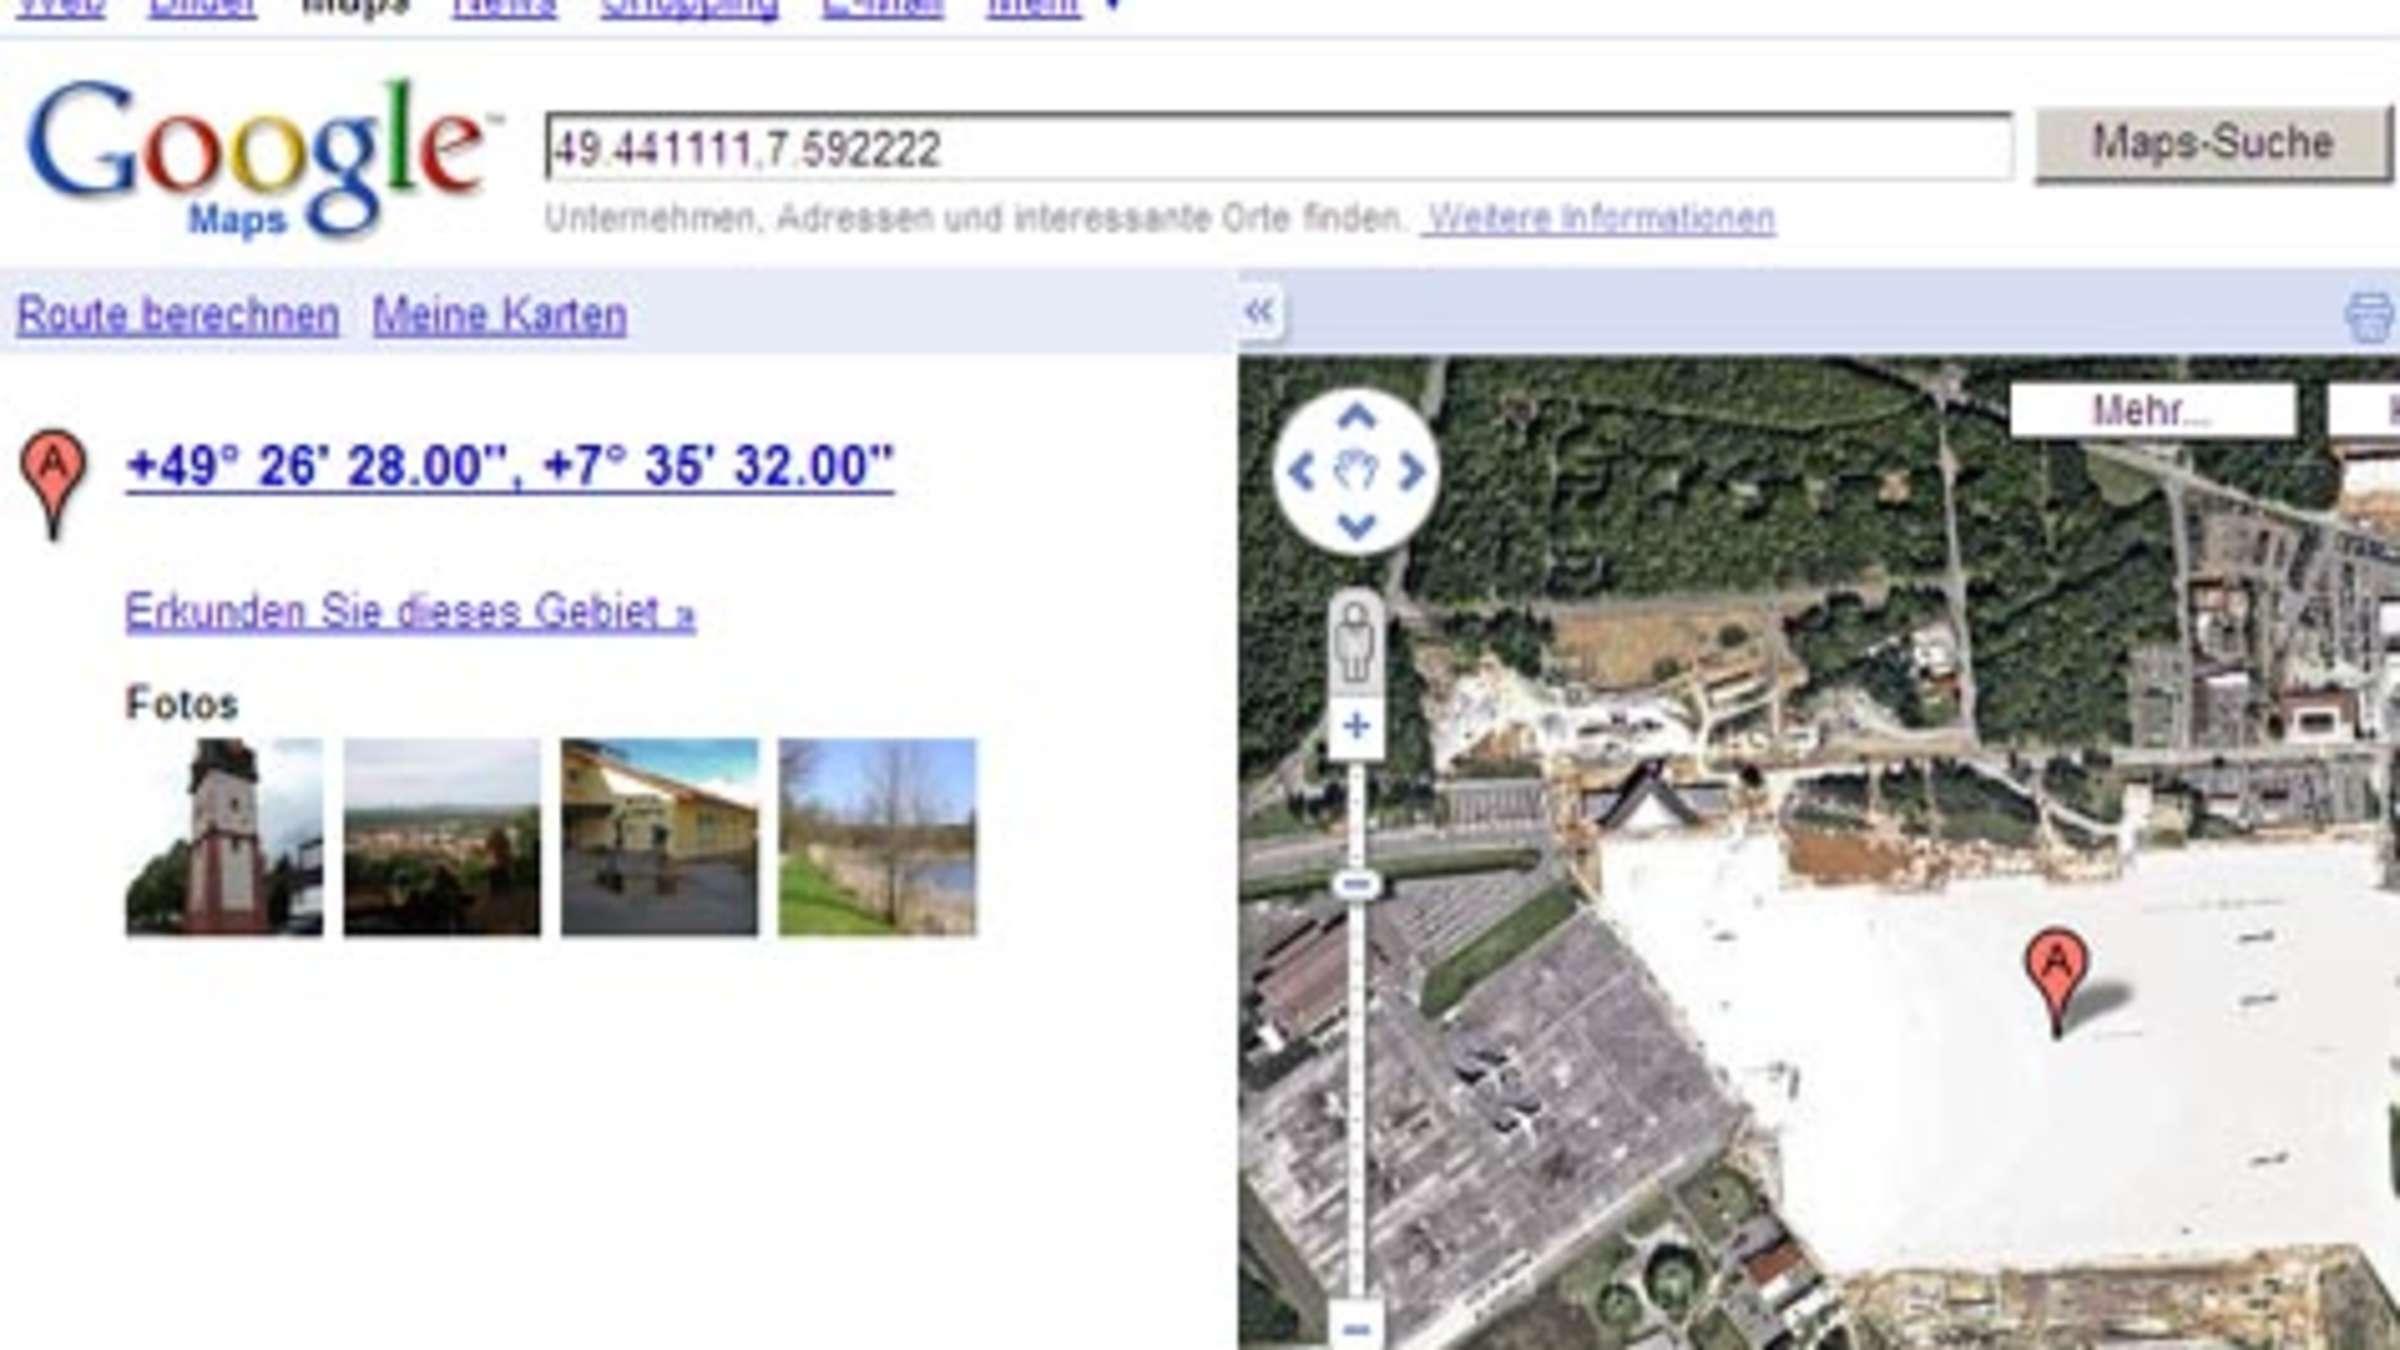 Zensur Bei Google Maps Viele Orte Sind Verpixelt Ubermalt Oder